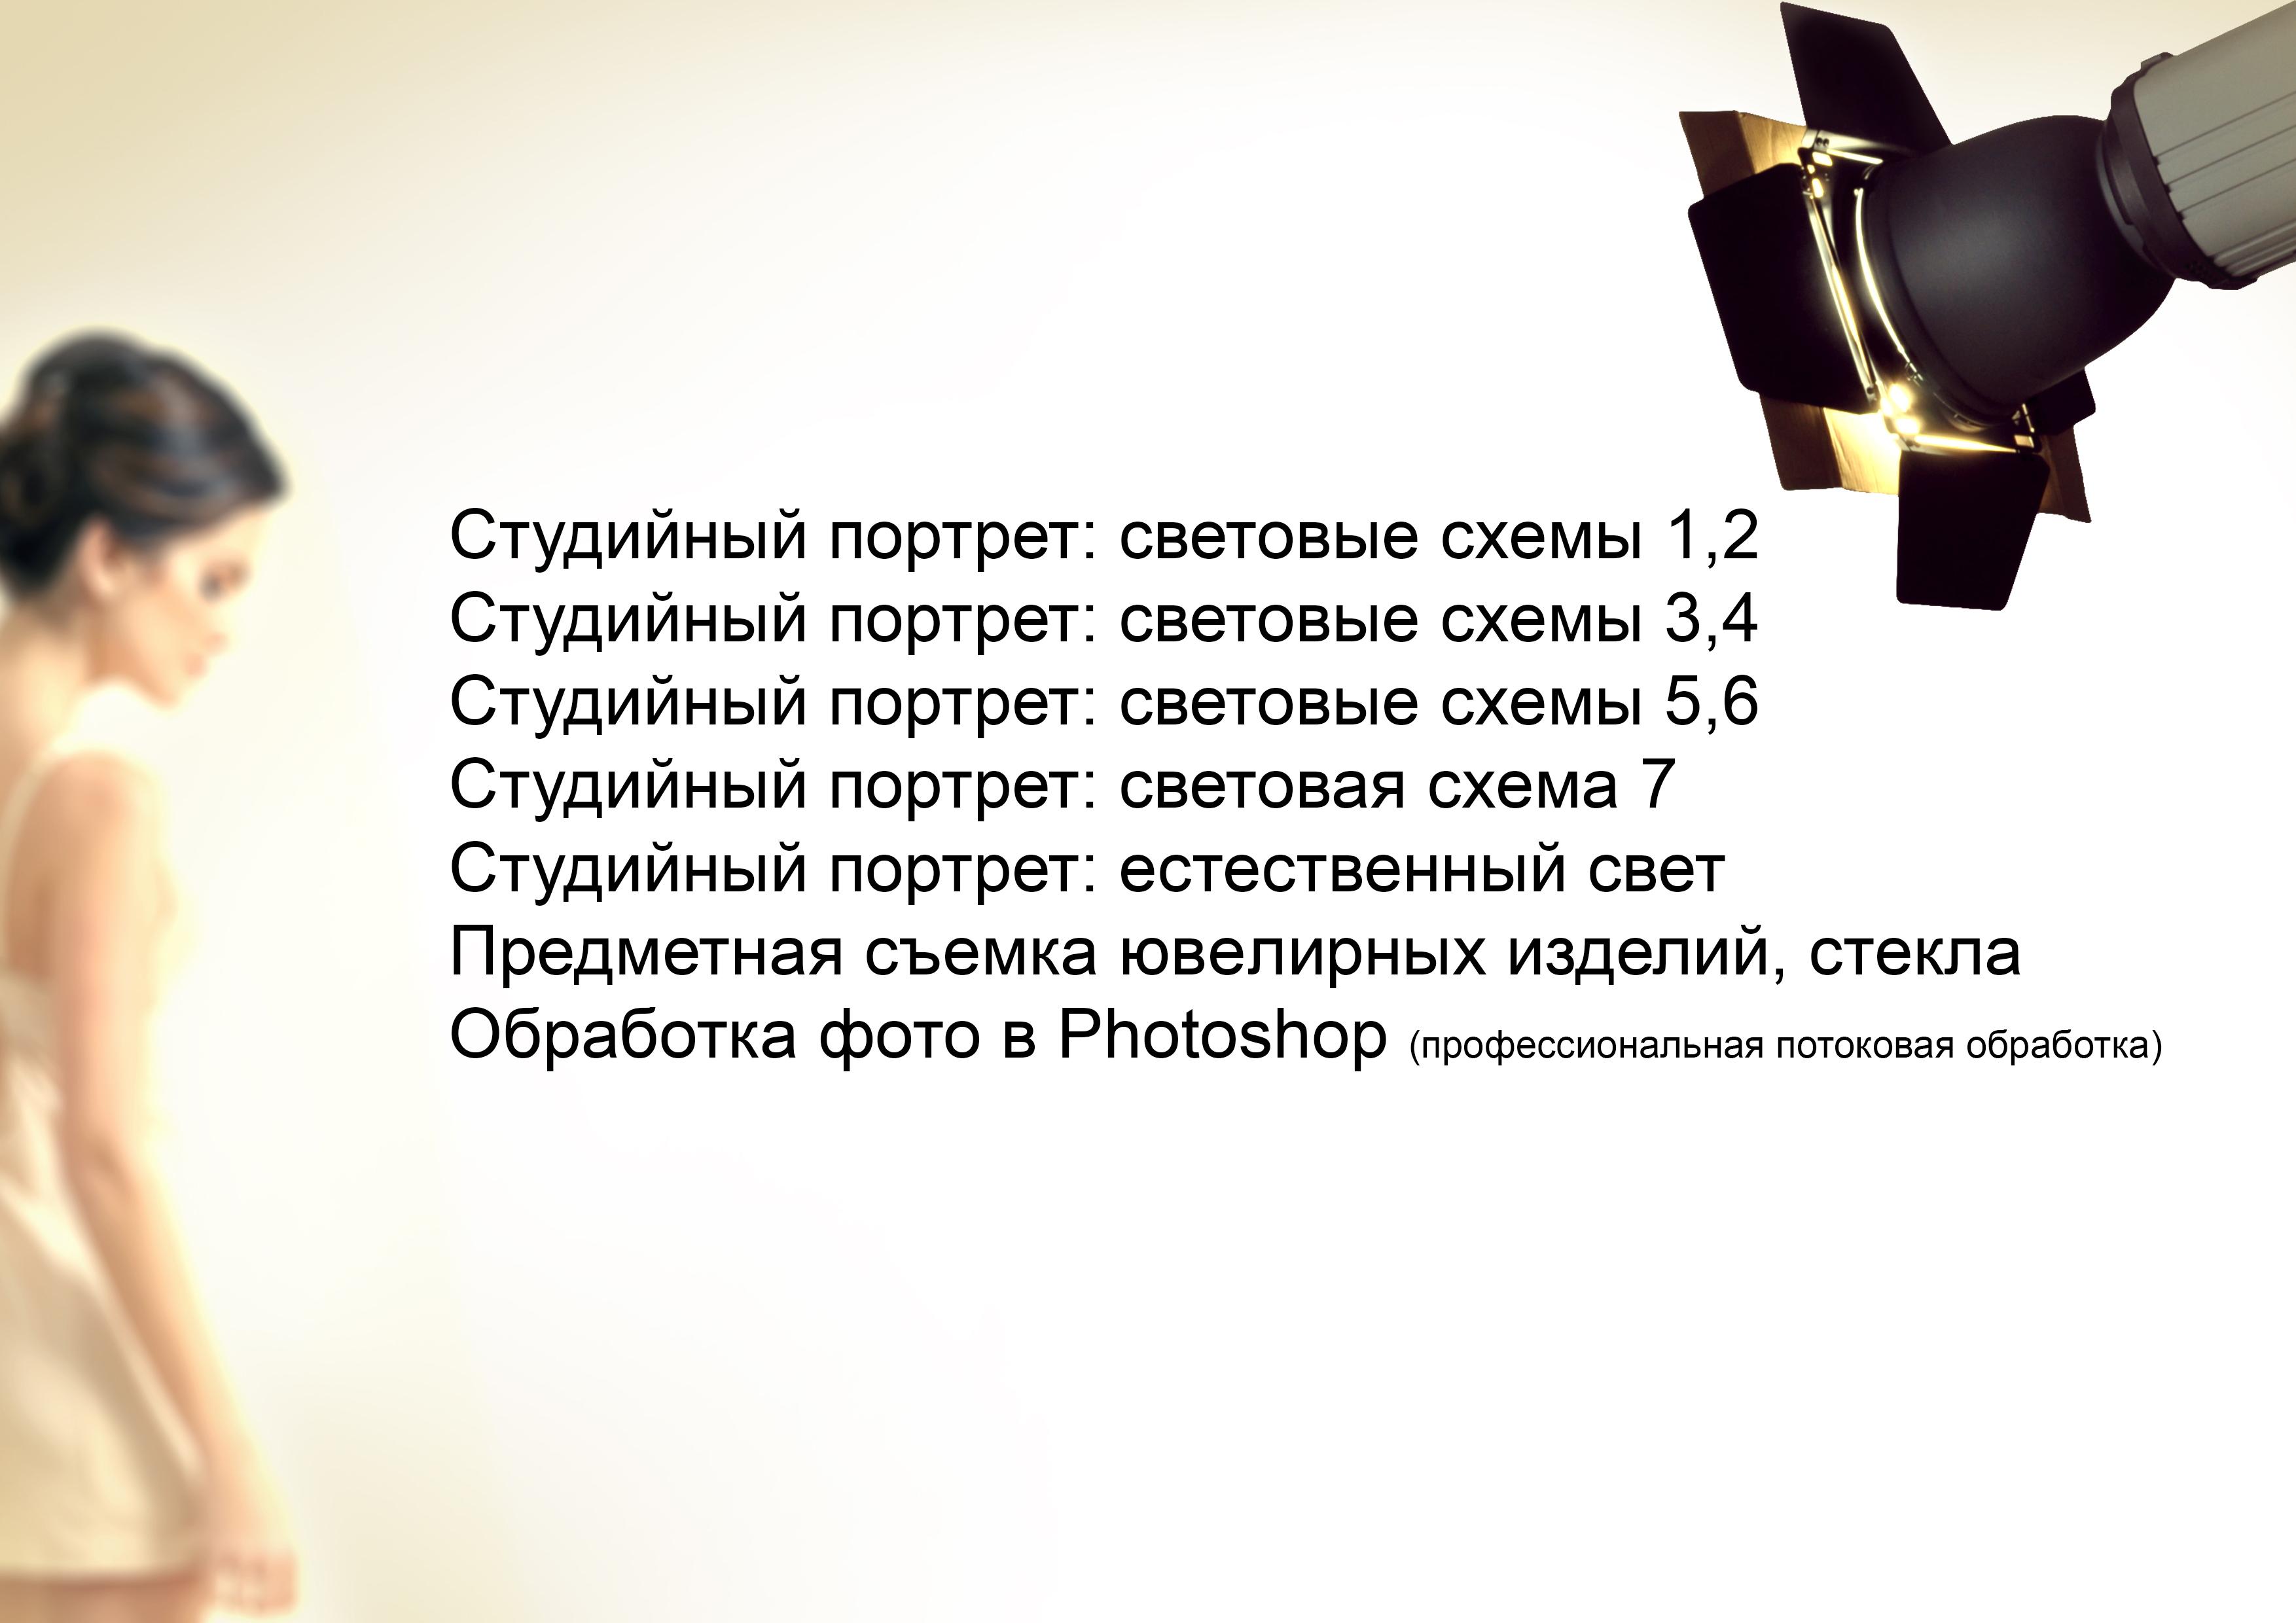 фотокурсы в запорожье, курсы фотографии в запорожье, фотошкола запорожья, фотоклуб запорожья